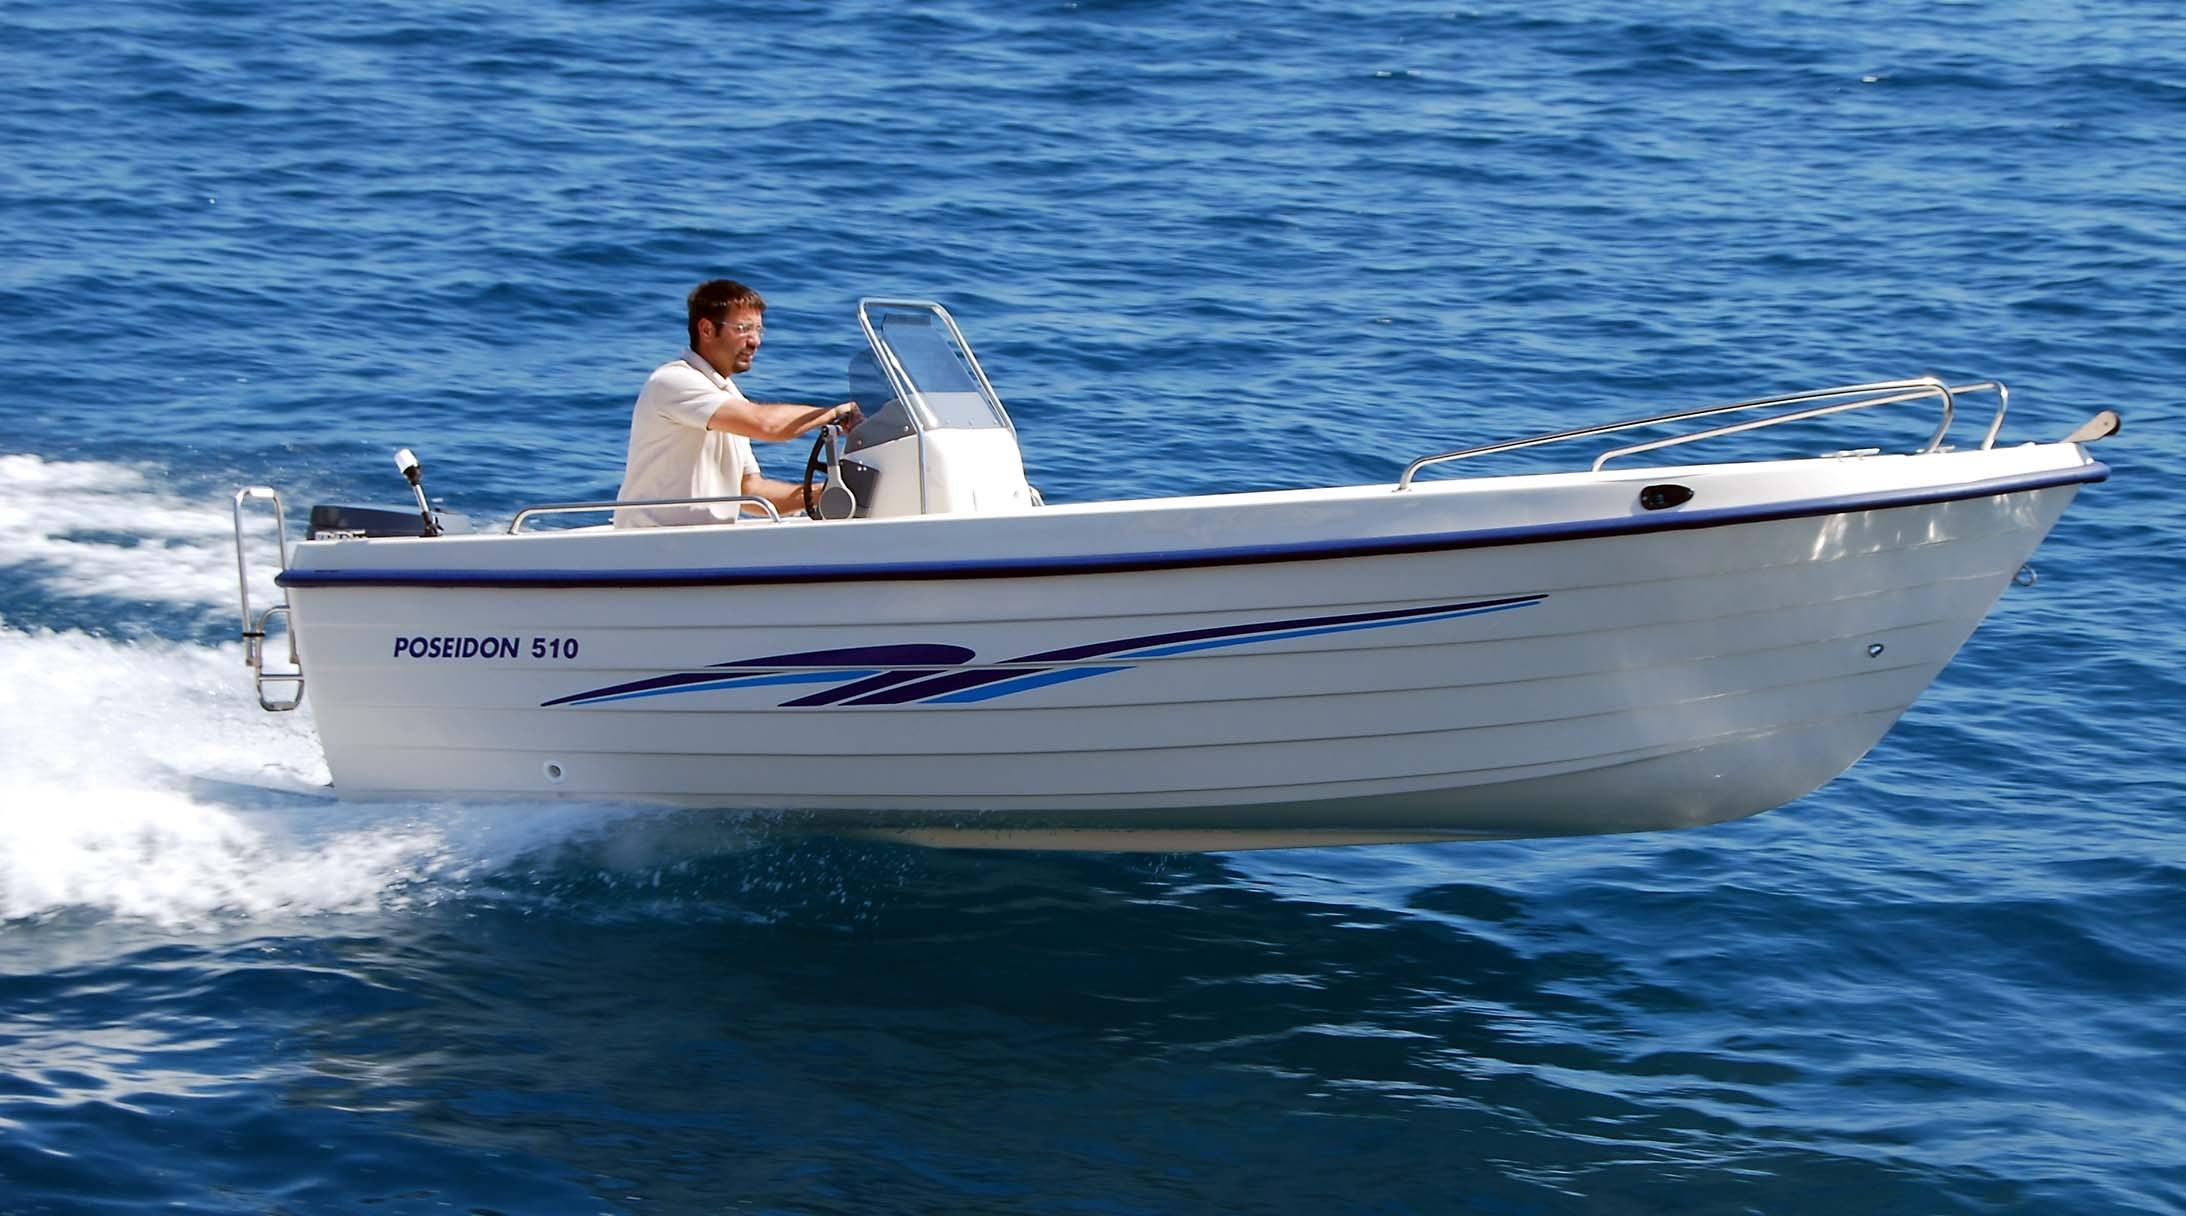 Poseidon 510